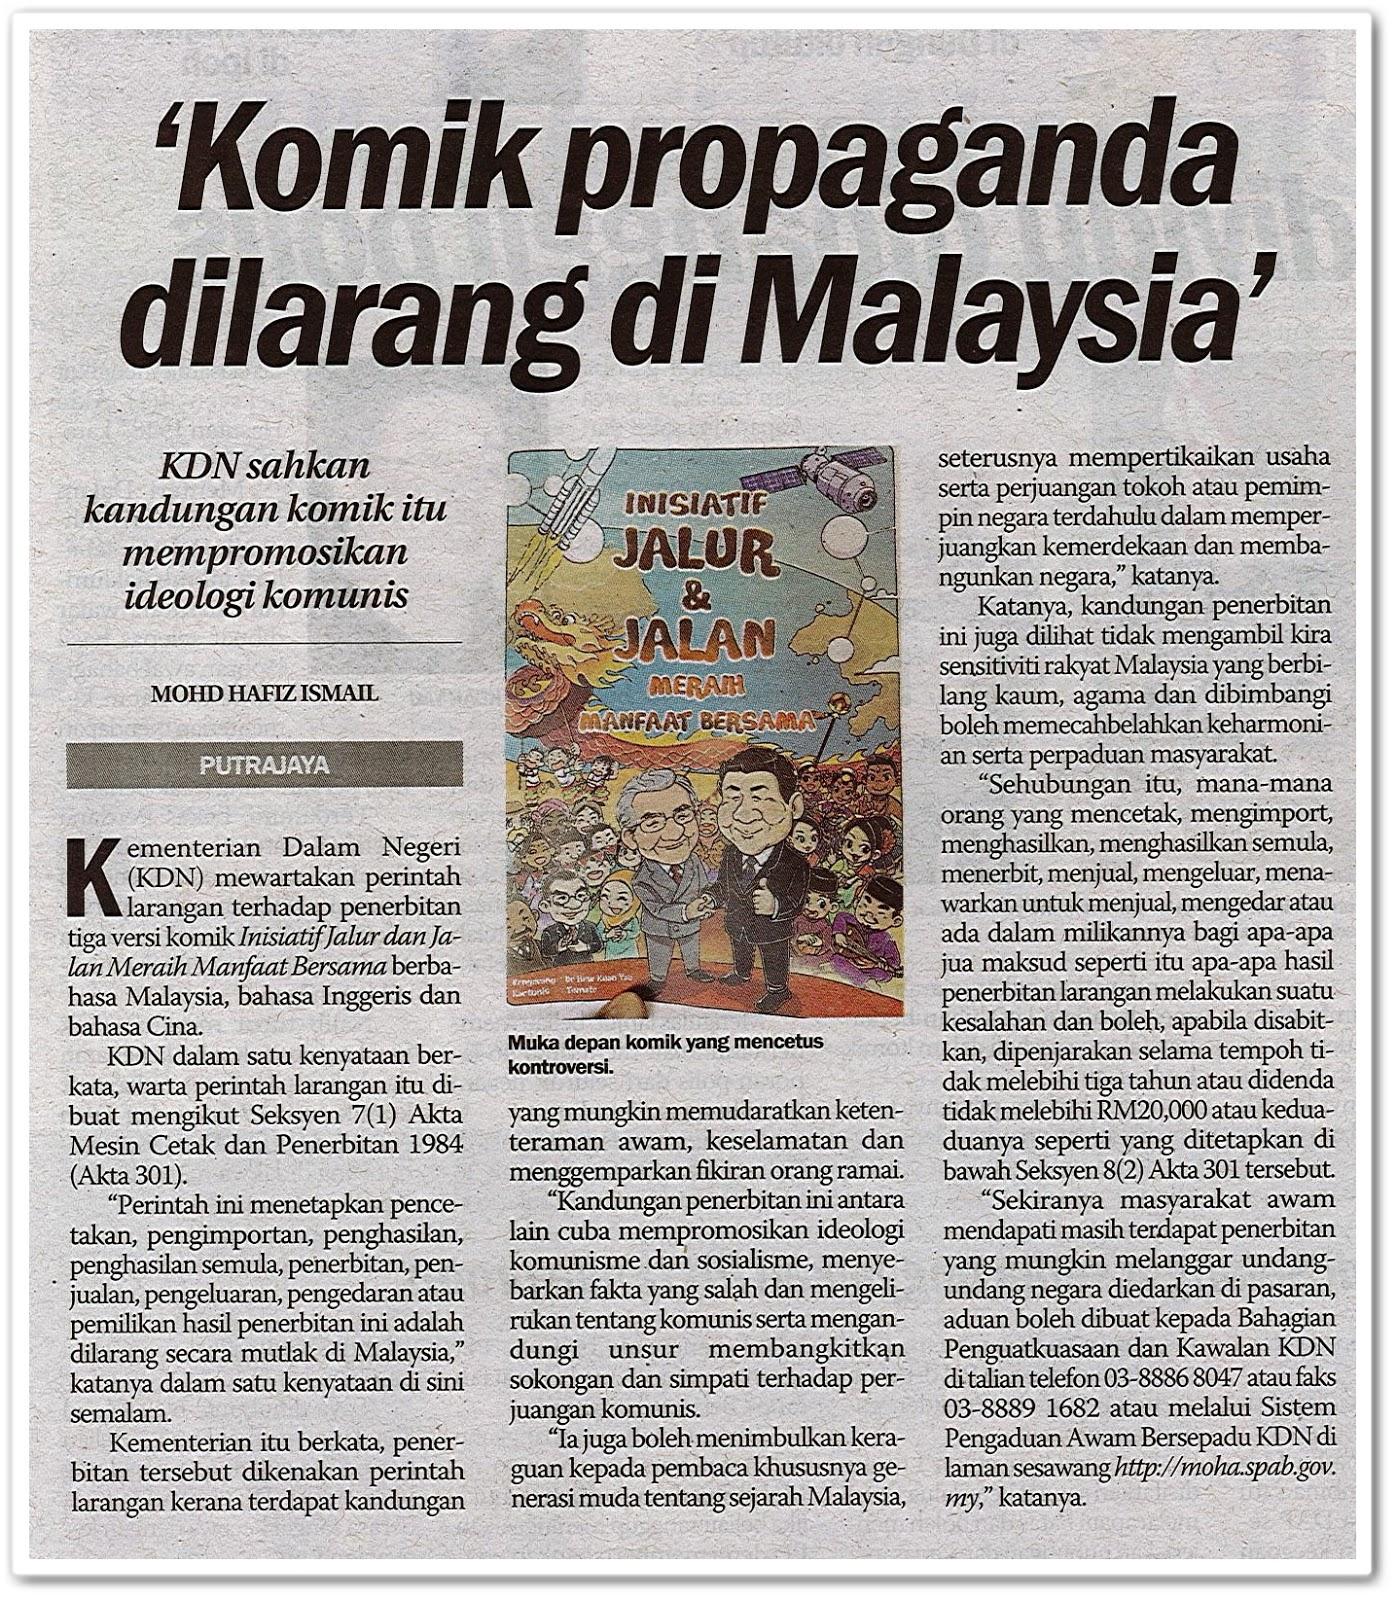 Komik propaganda dilarang di Malaysia - Keratan akhbar Sinar Harian 24 Oktober 2019